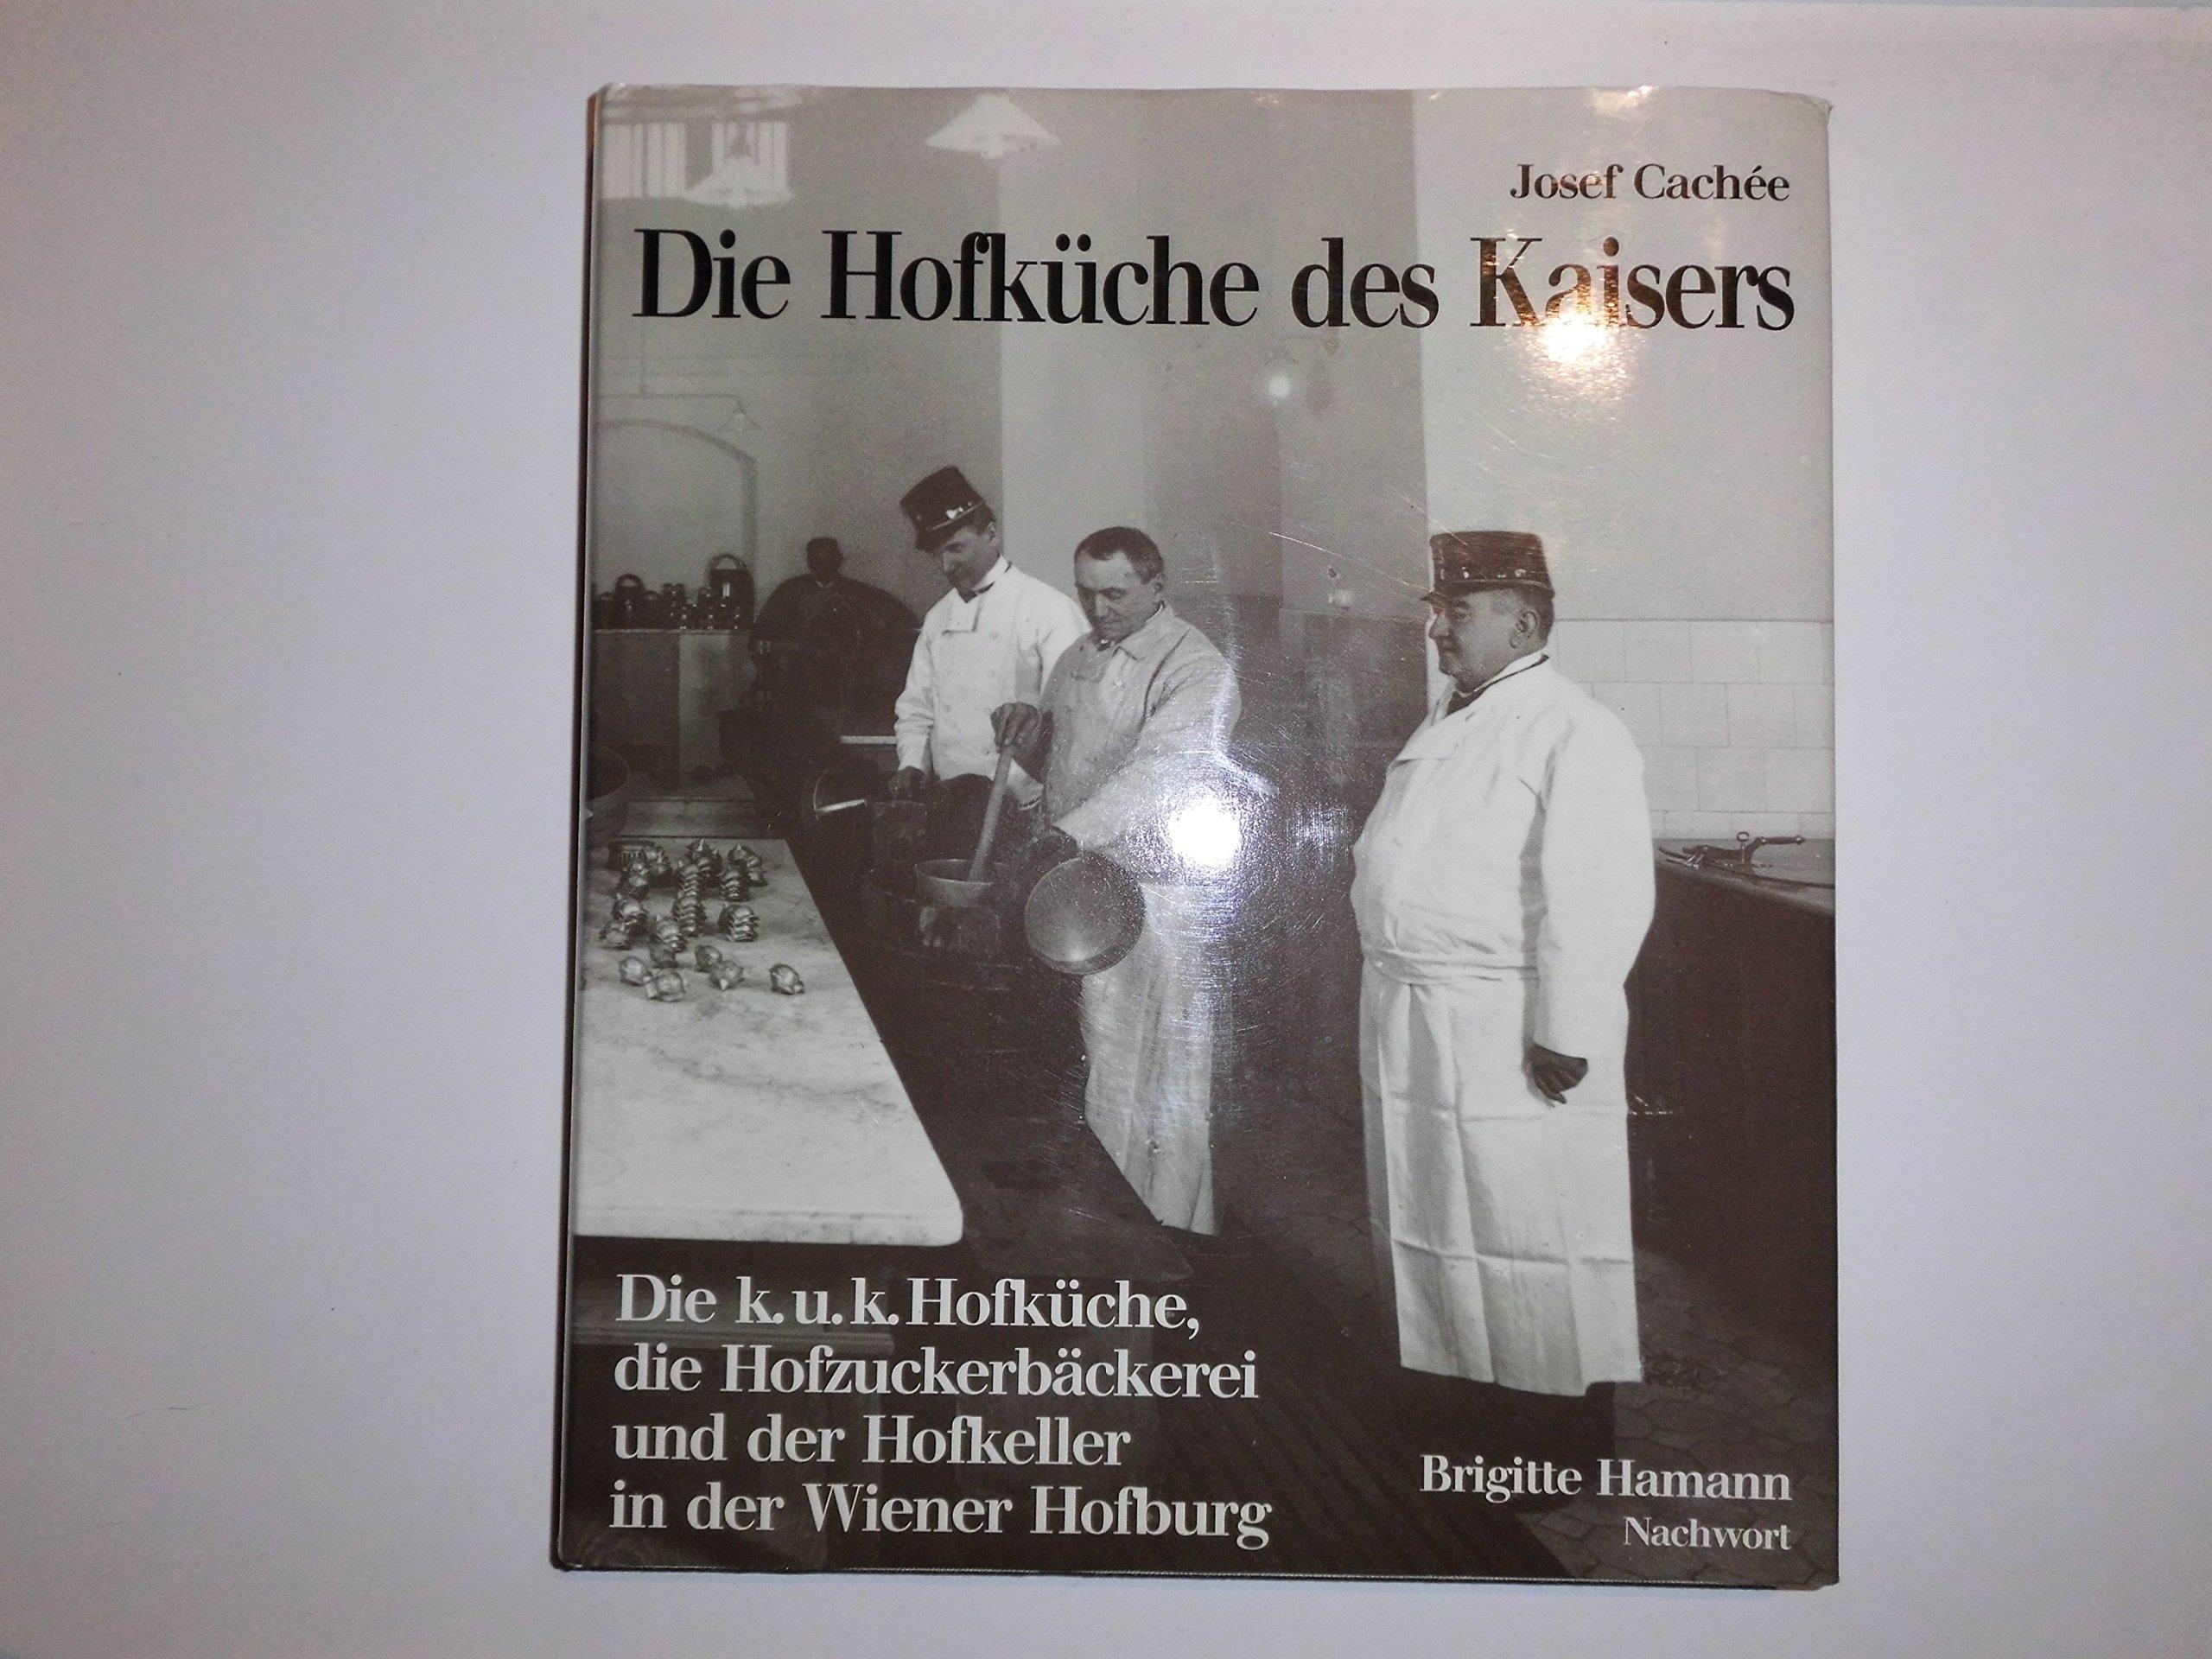 Die Hofküche des Kaisers: Die k.u.k. Hofküche, die Hofzuckerbäckerei und der Hofkeller in der Wiener Hofburg